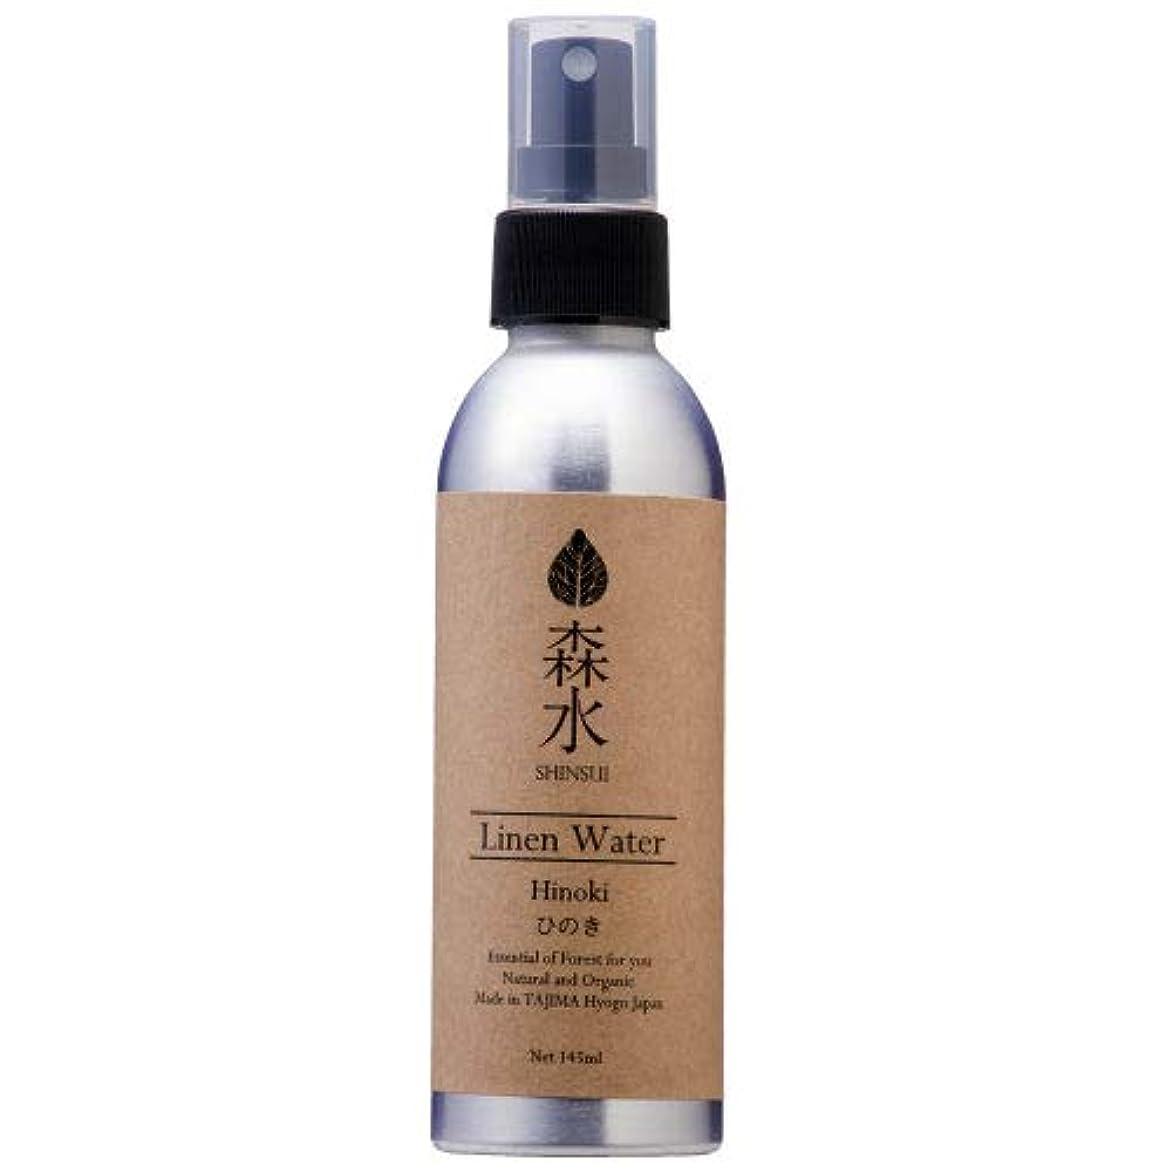 頼む優しさ森水-SHINSUI シンスイ-ひのき芳香水リネンウォーター 145ml